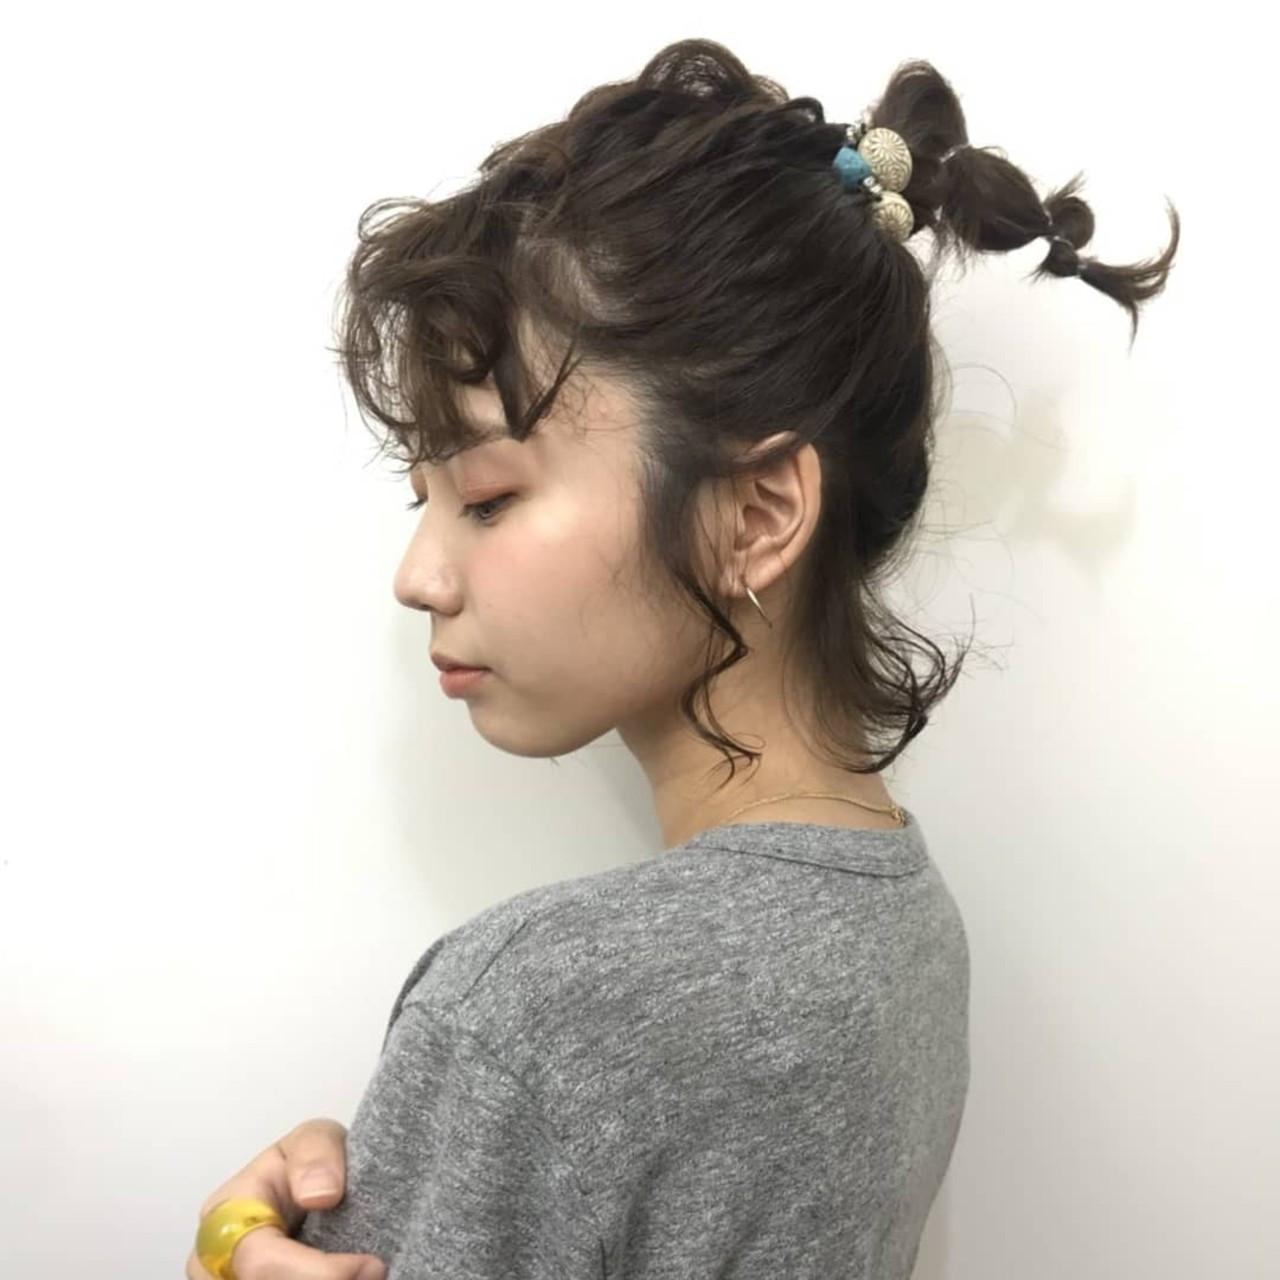 抜け感たっぷり一つ結びアレンジ 杉本侑菜 (すぎもと ありな)